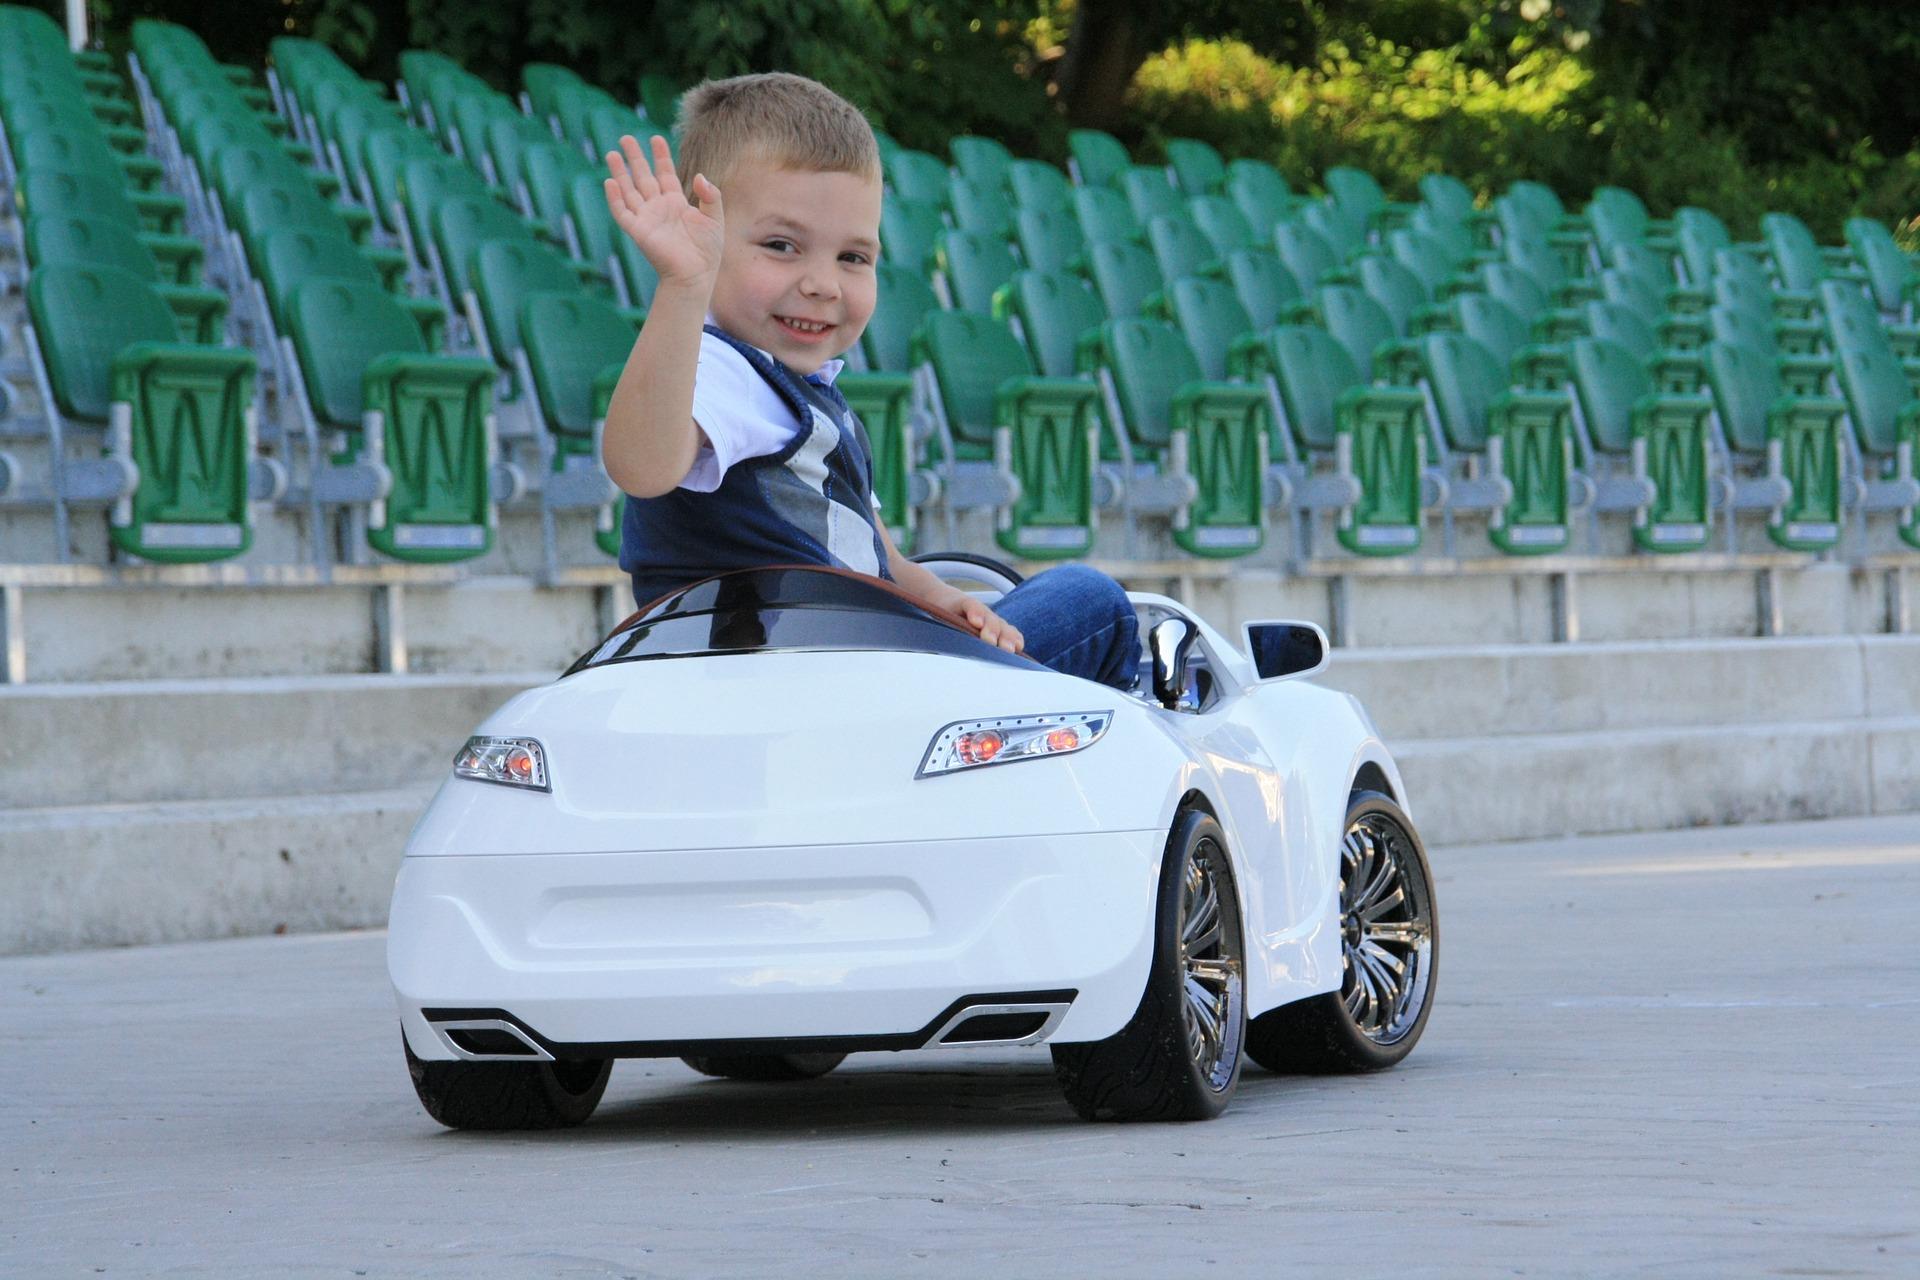 Mode d'emploi des voitures électriques pour enfants de 3 à 6 ans